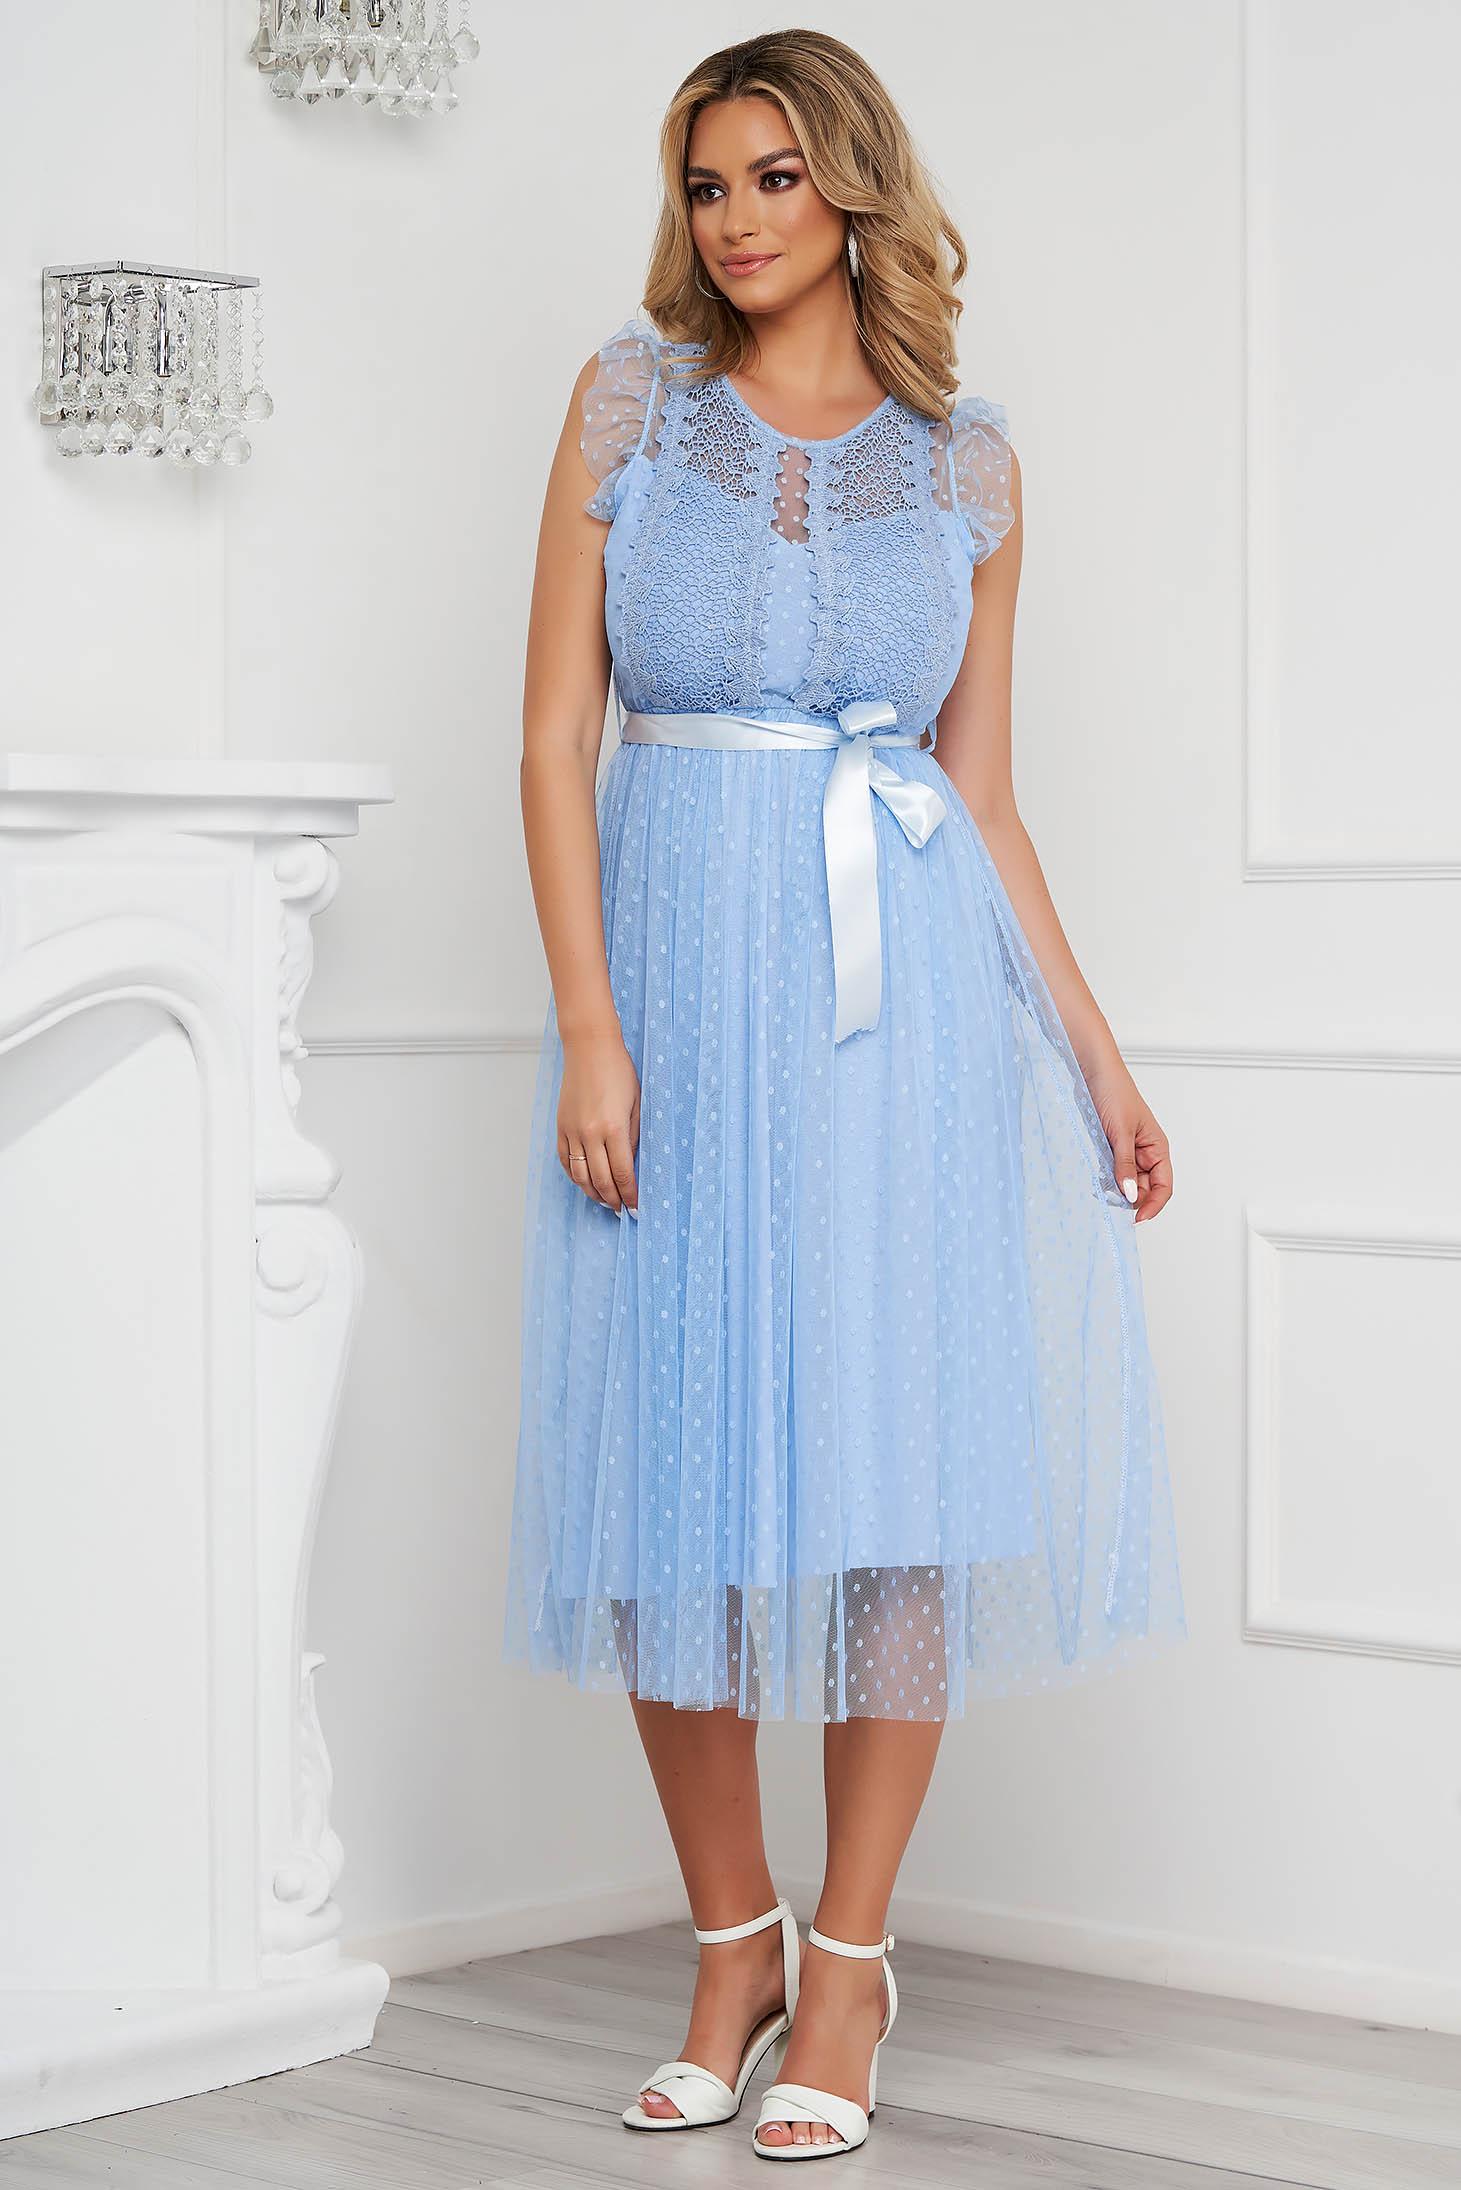 Rochie albastru-deschis midi de ocazie din tul in clos fara maneci cu aplicatii din plumeti